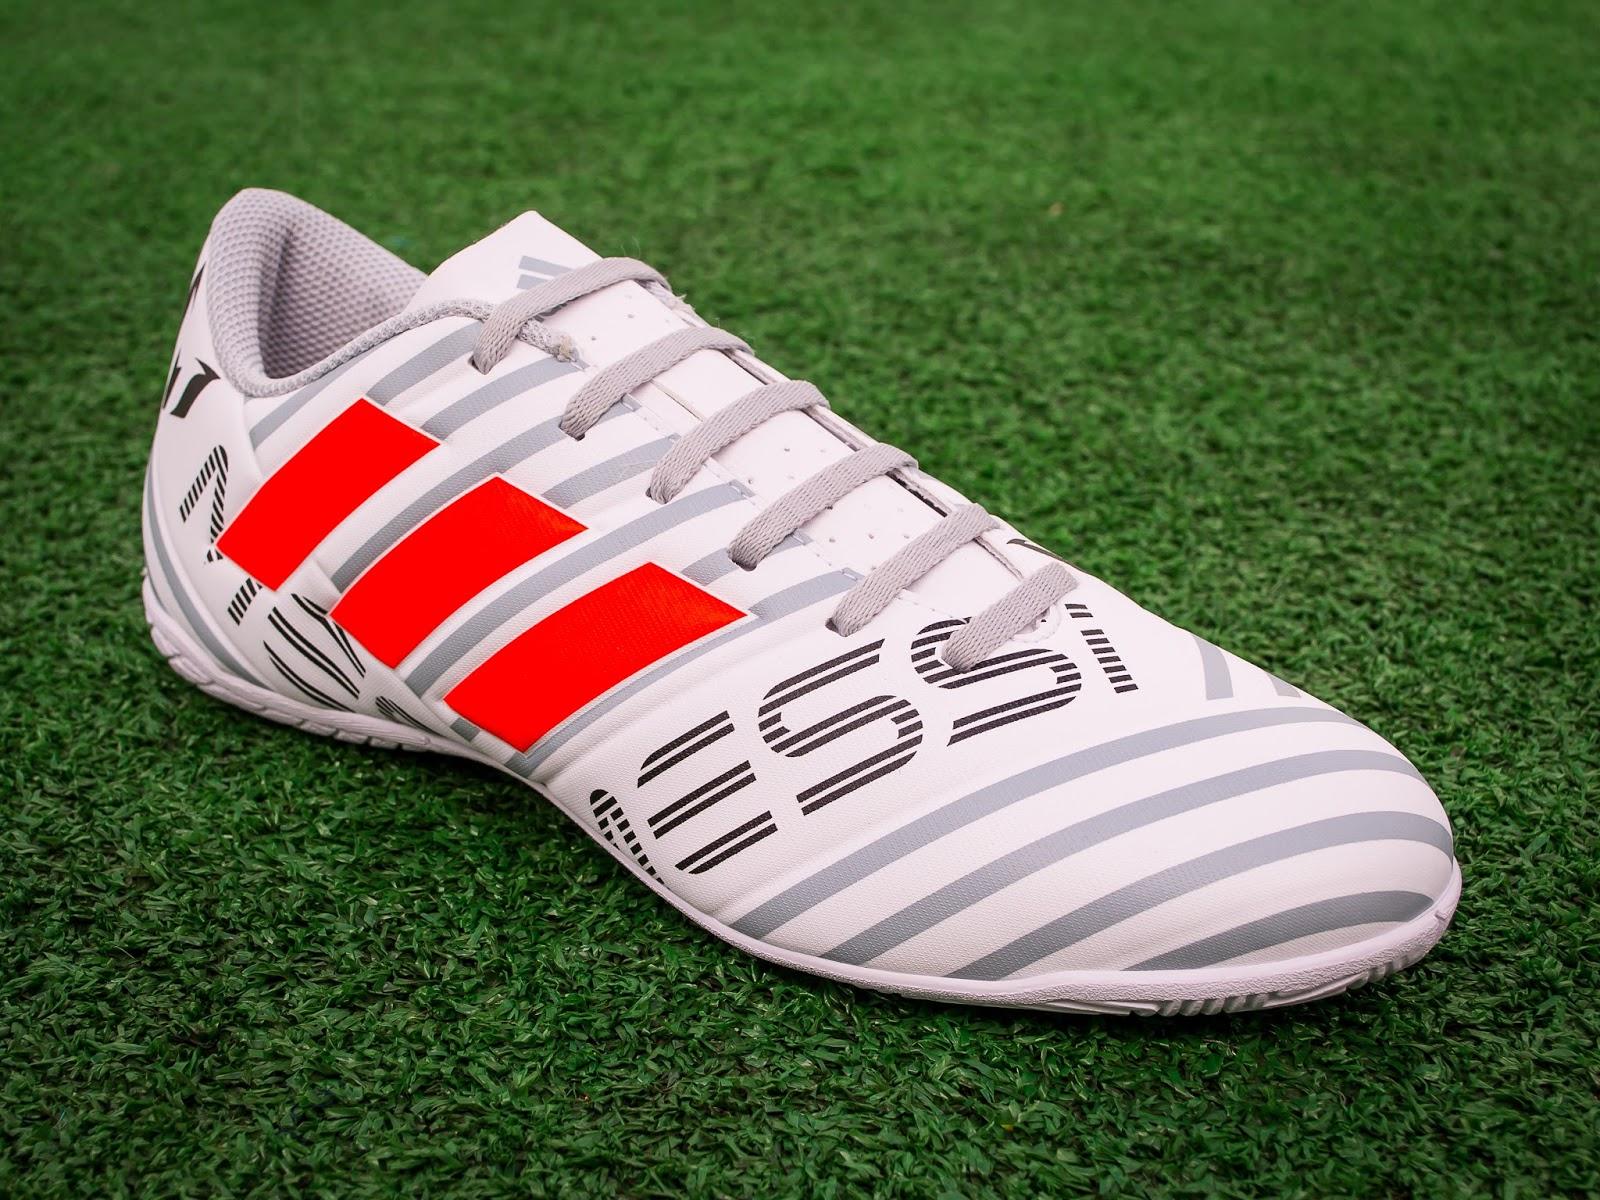 b5f31384f9ea5 A Adidas lançou o novo modelo de chuteira do Messi. A Nemeziz 17.4 chegou  nas nossas mãos e agora você vai ficar sabendo das novidades tecnológicas.